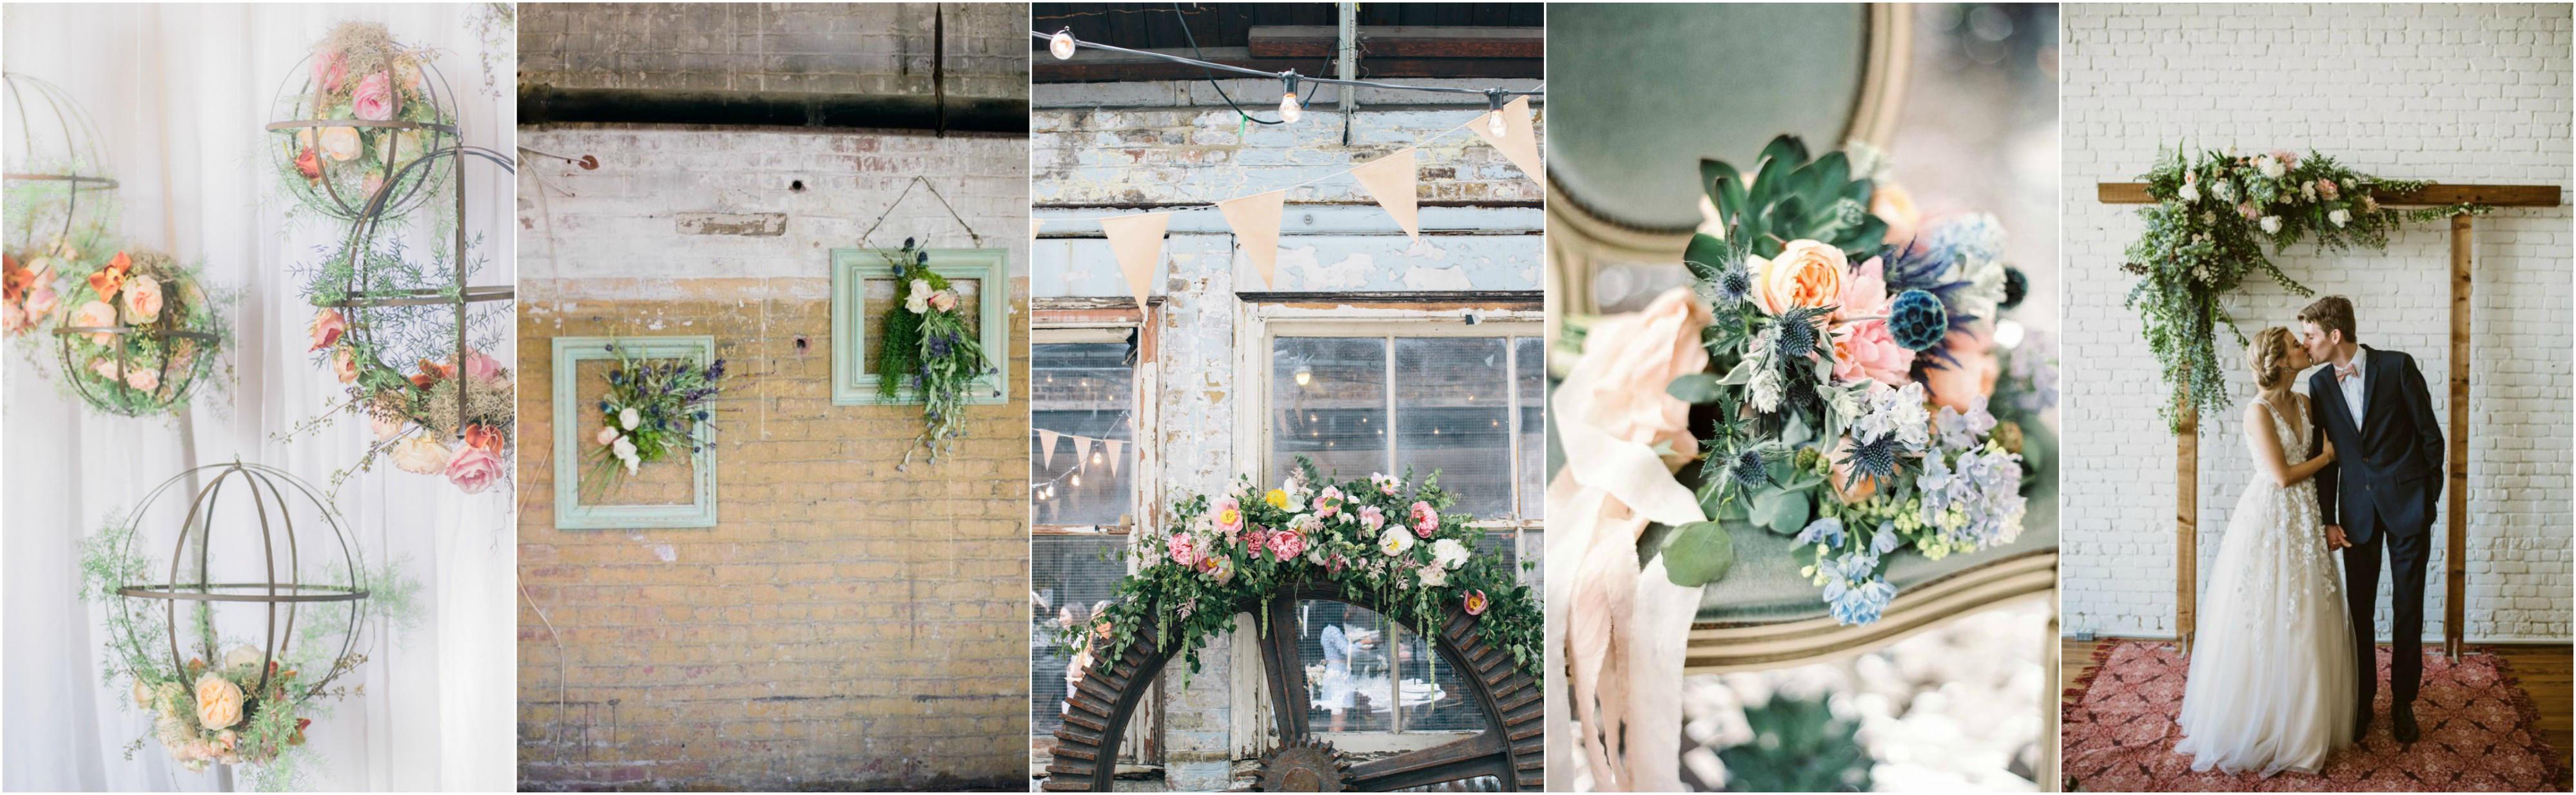 spring wedding industrial blooms